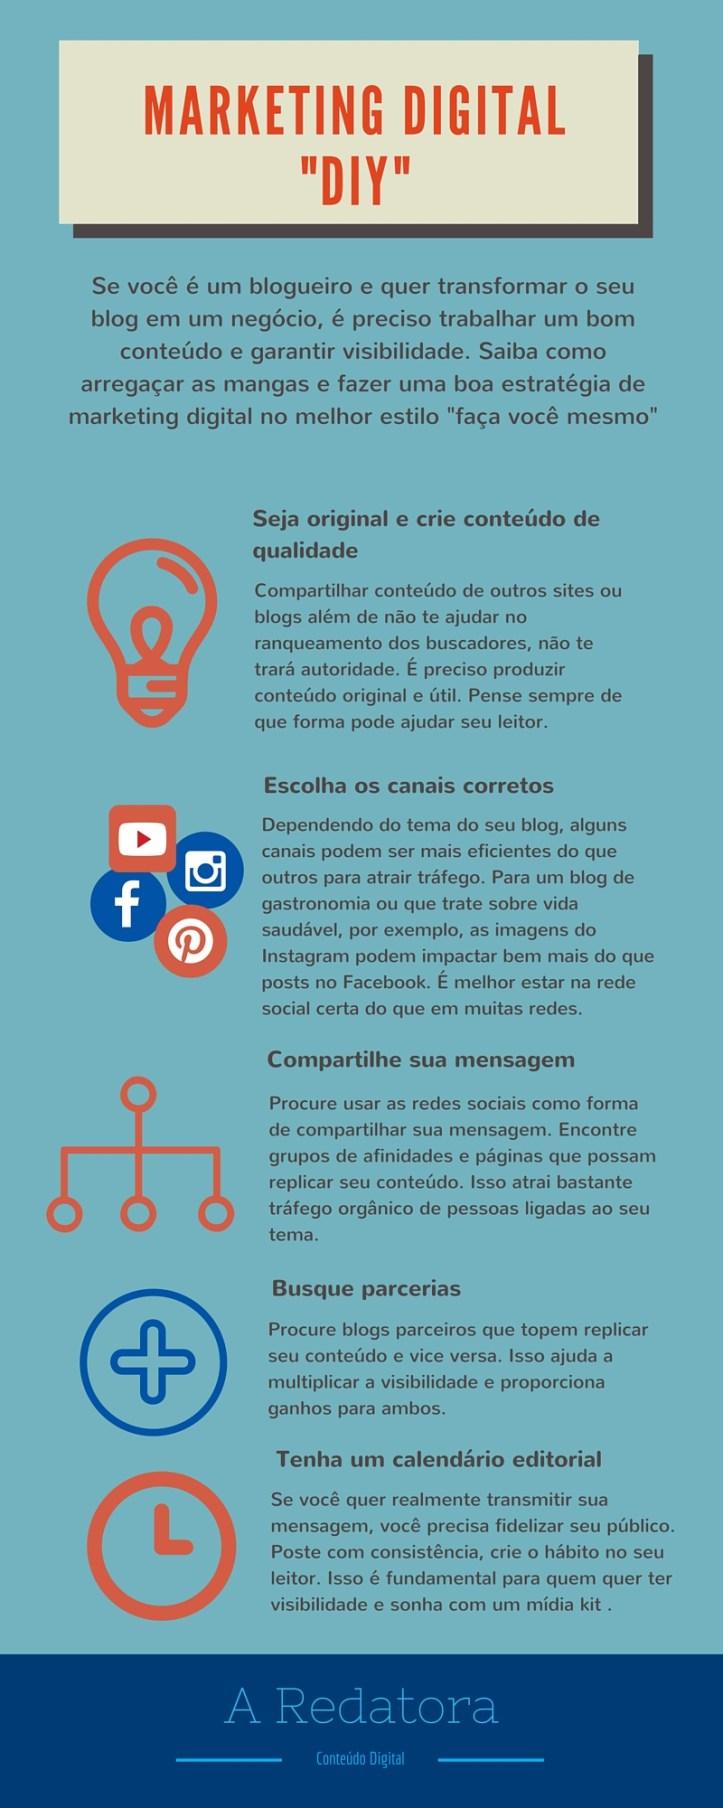 Marketing de Conteúdo DIY